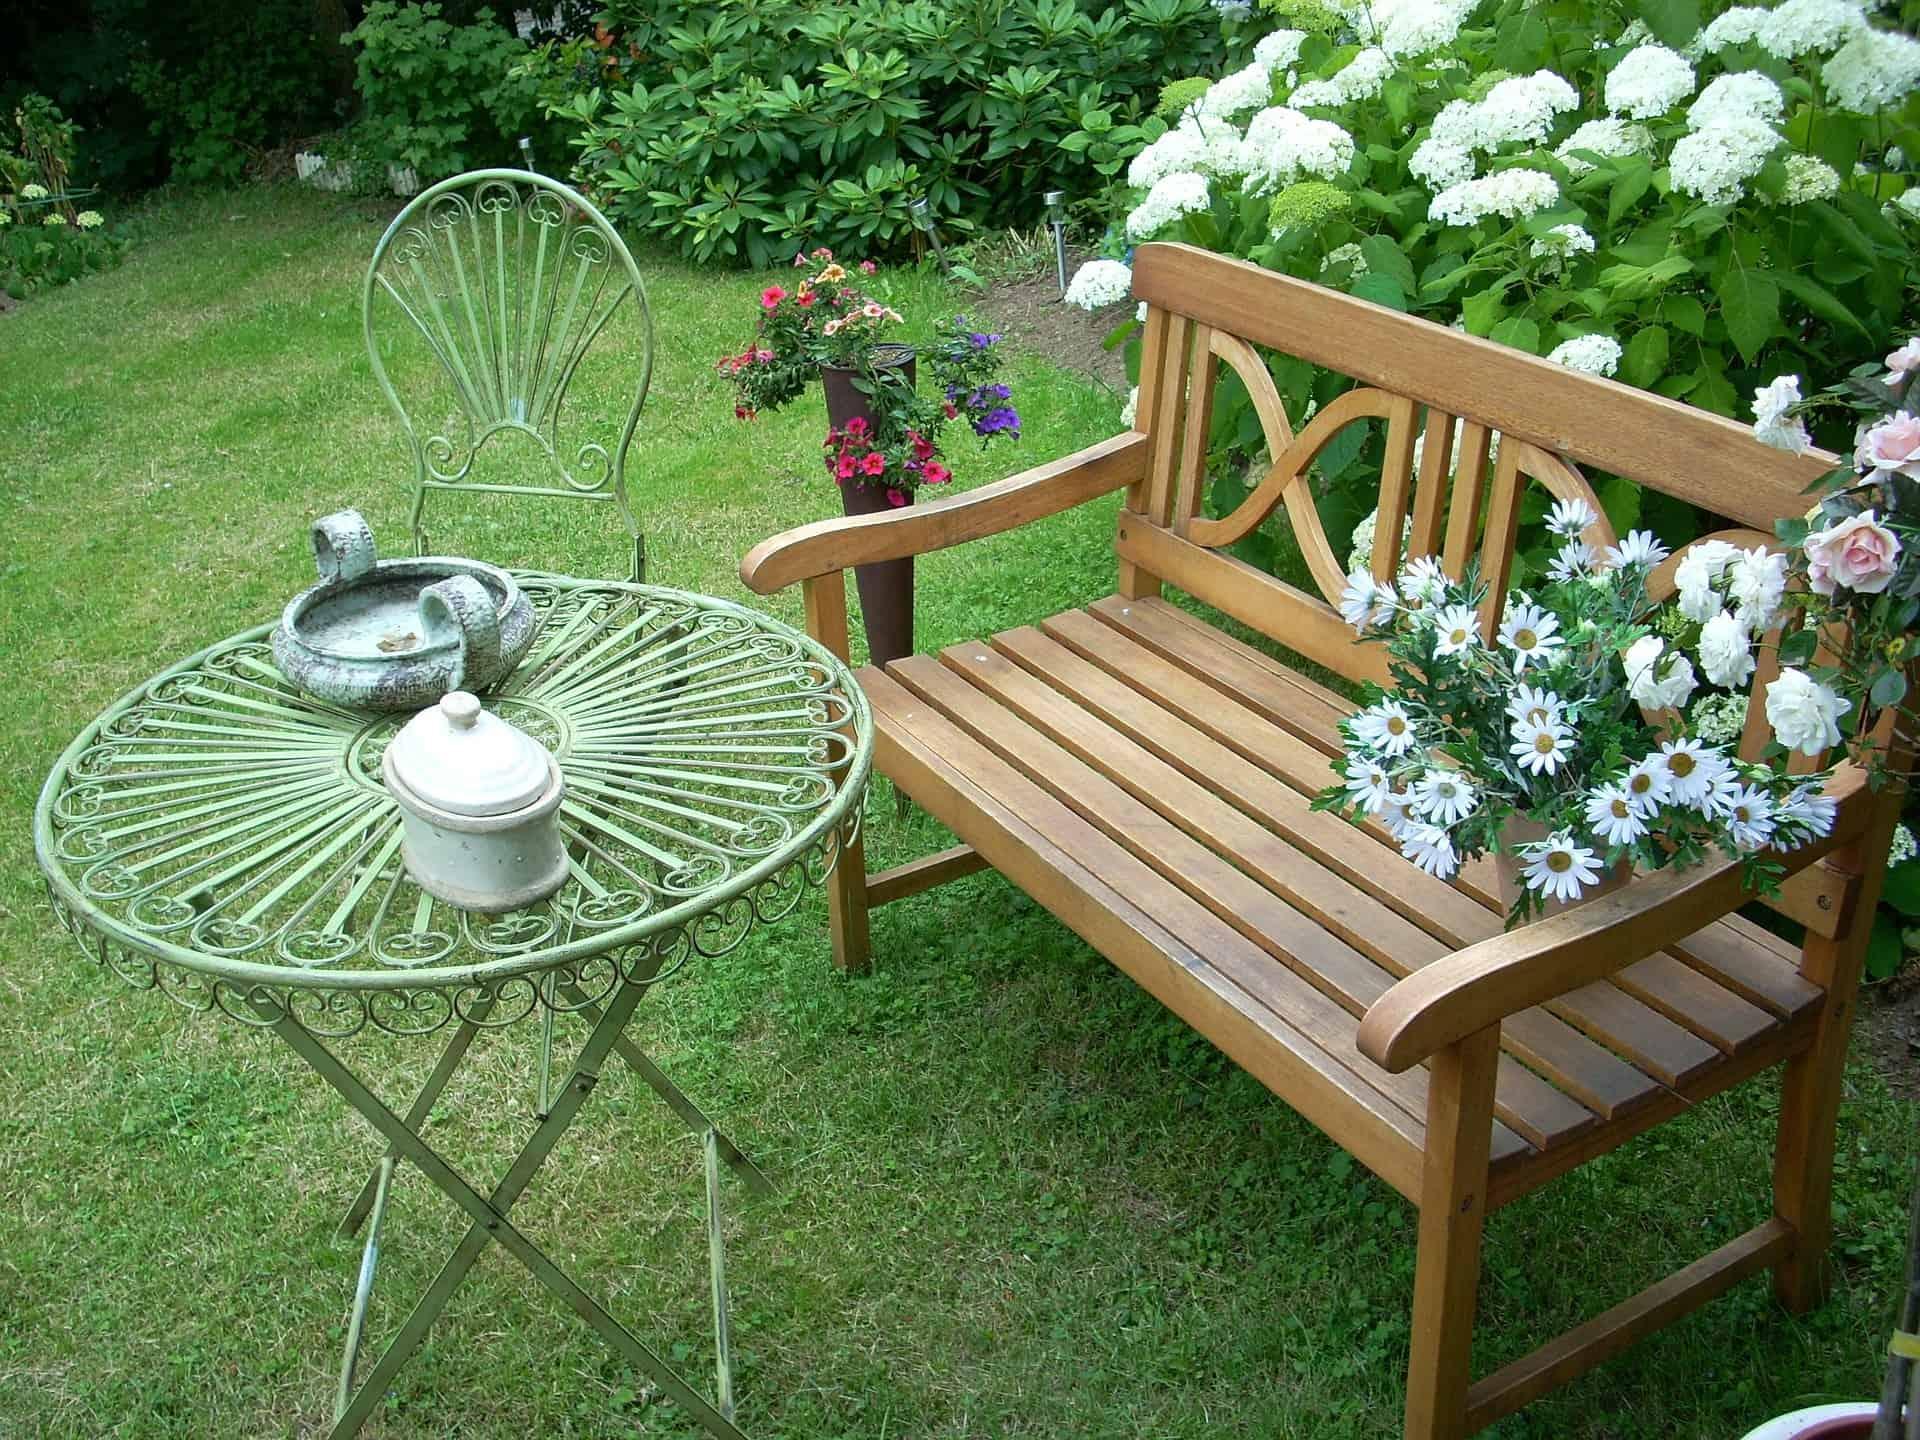 Banco de jardim em madeira próximo a flores, arbustos e pequena mesa de ferro.